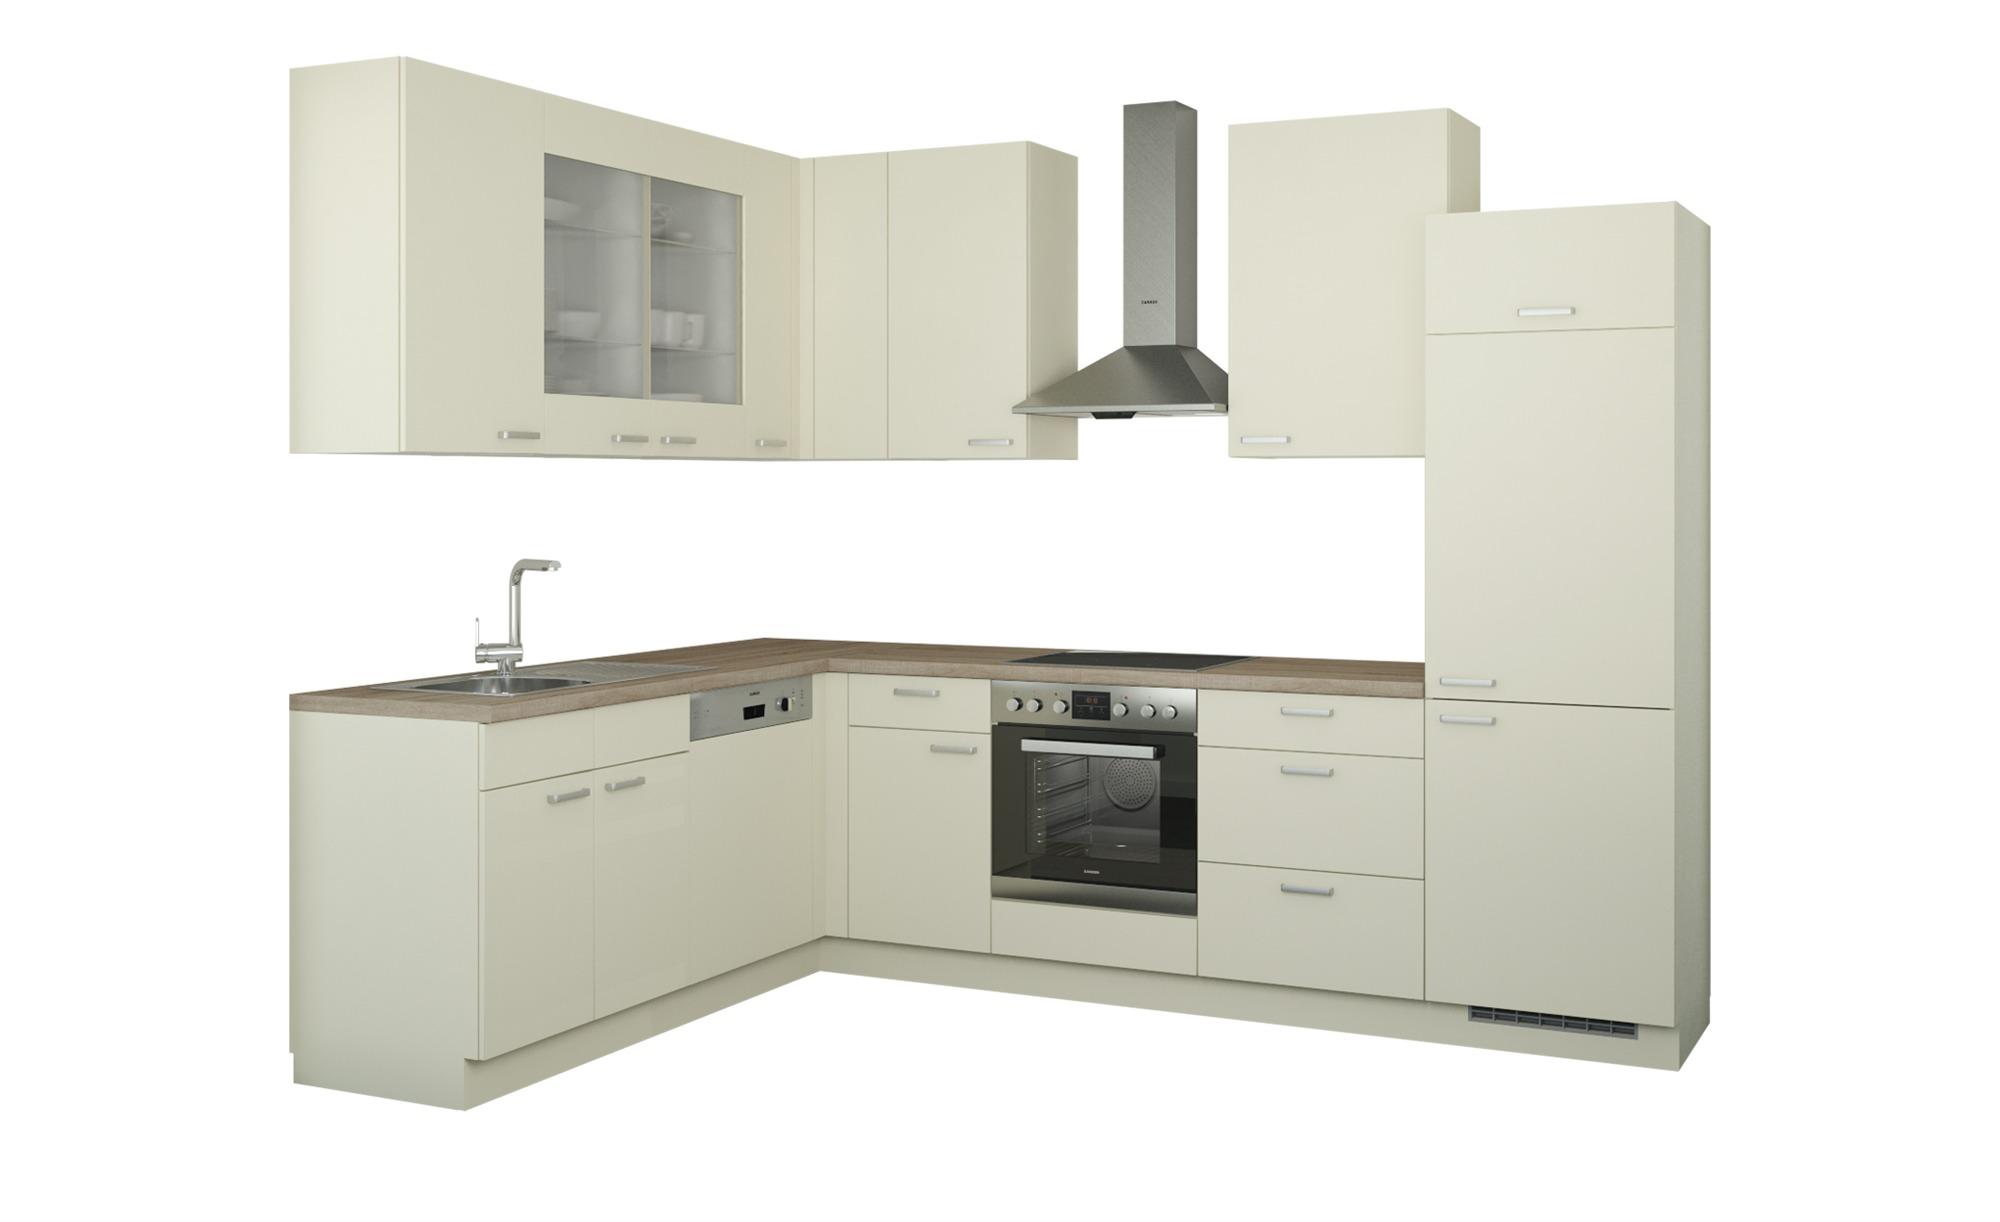 Winkelküche ohne Elektrogeräte  München ¦ creme Küchen > Küchenblöcke - Höffner